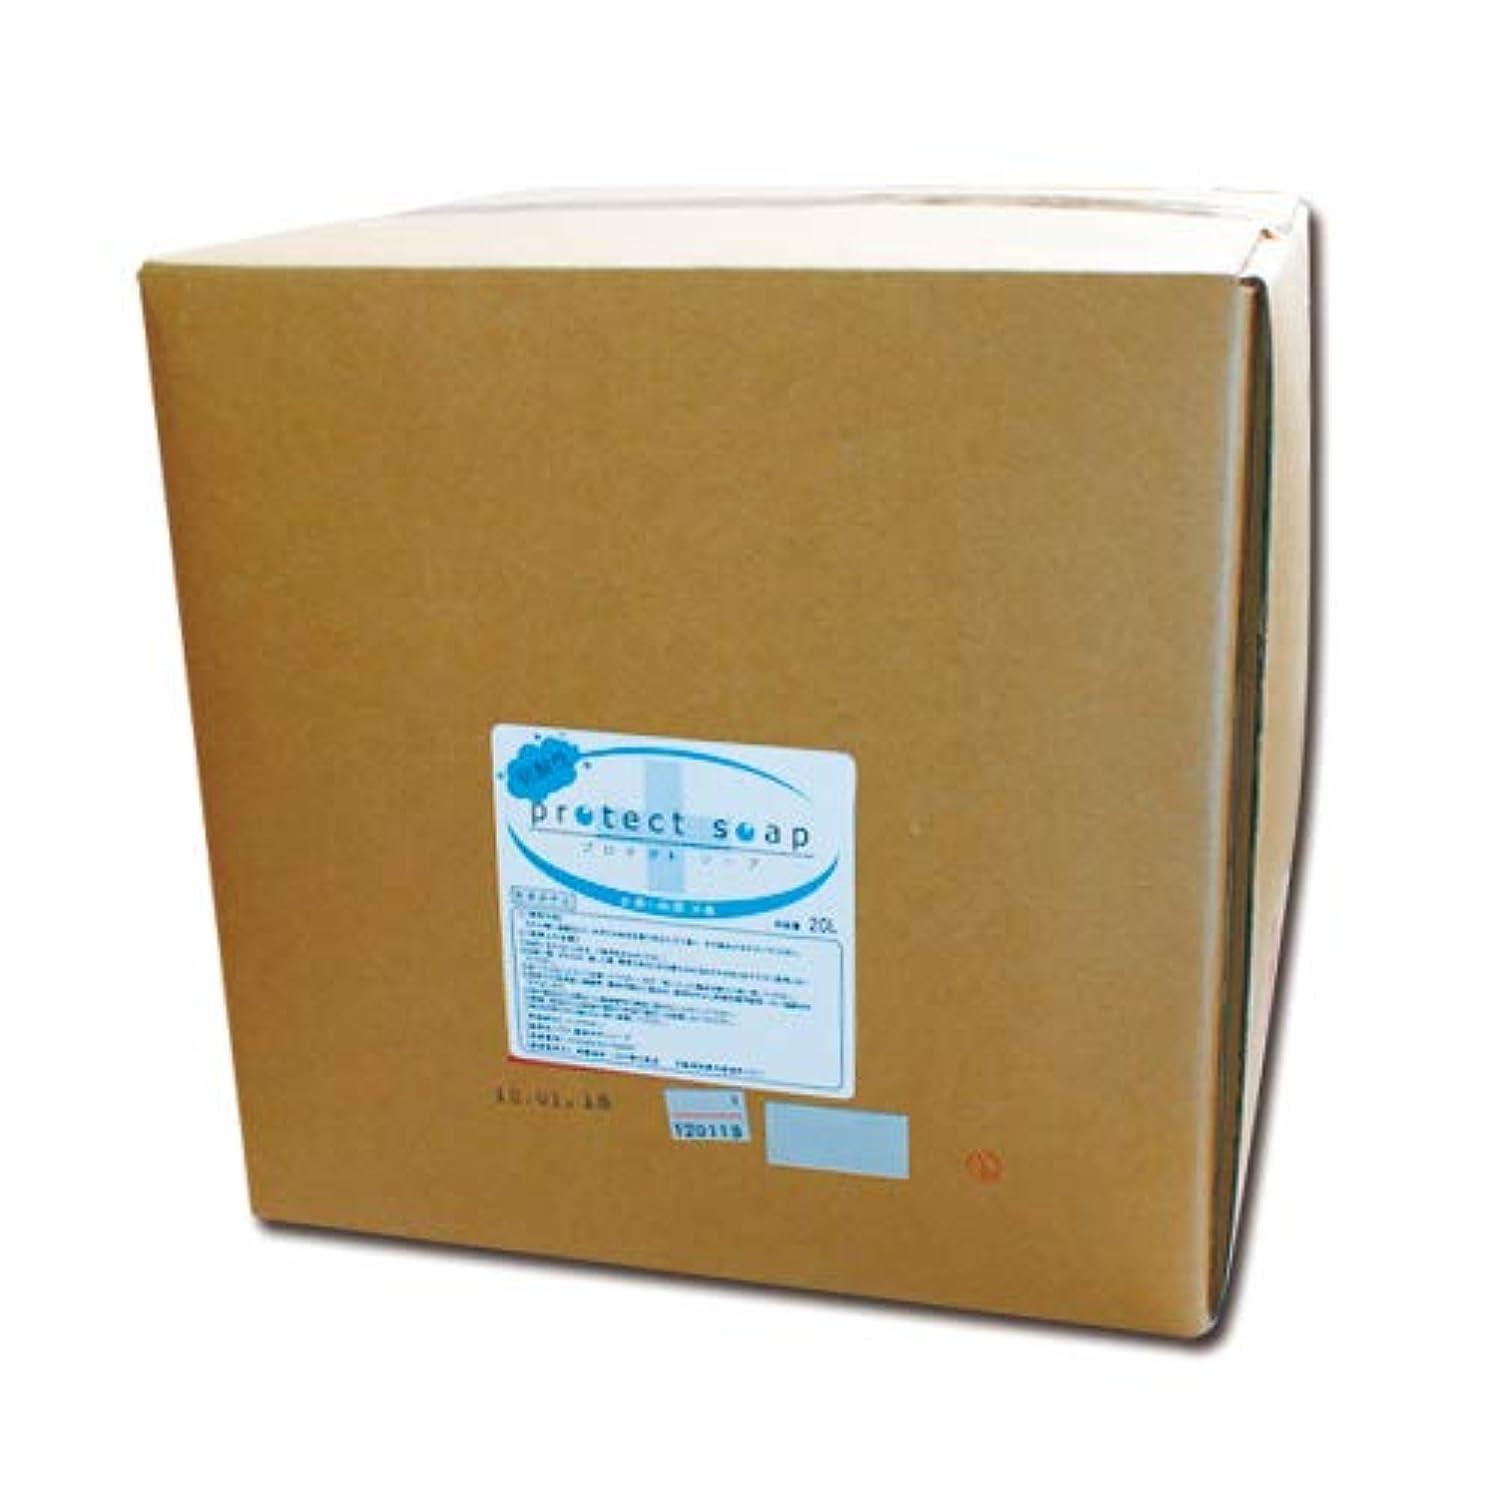 ゆるい勇気支配する低刺激弱酸性 液体石鹸 プロテクトソープ 20L 業務用